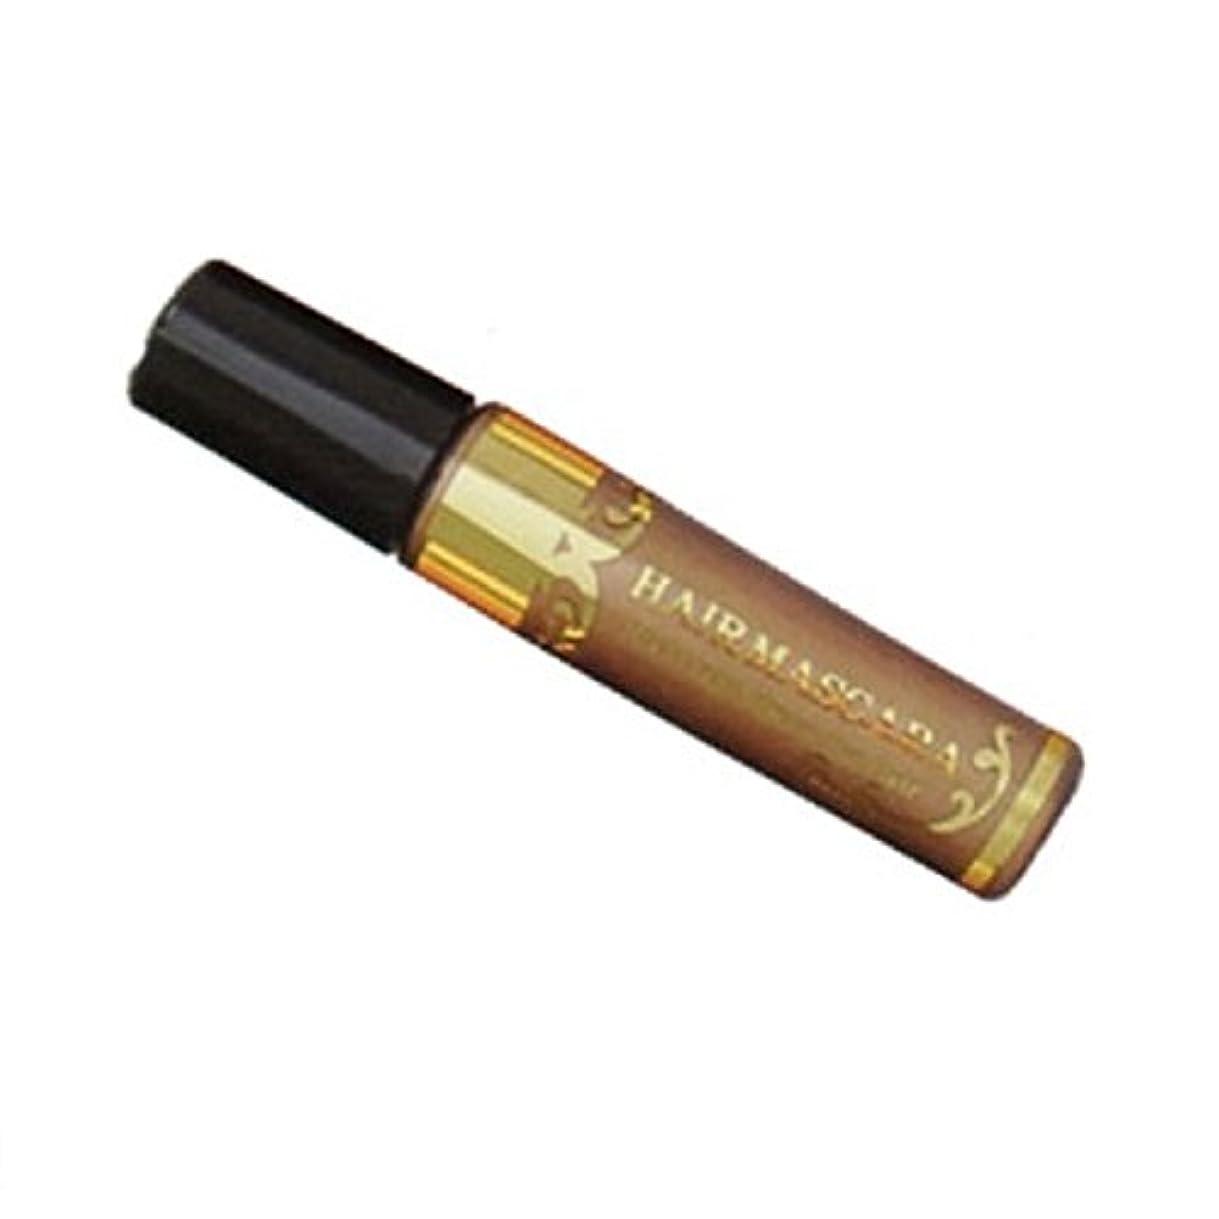 タービン茎周波数NF ヘアマスカラ 20g ゴールドブロンズ